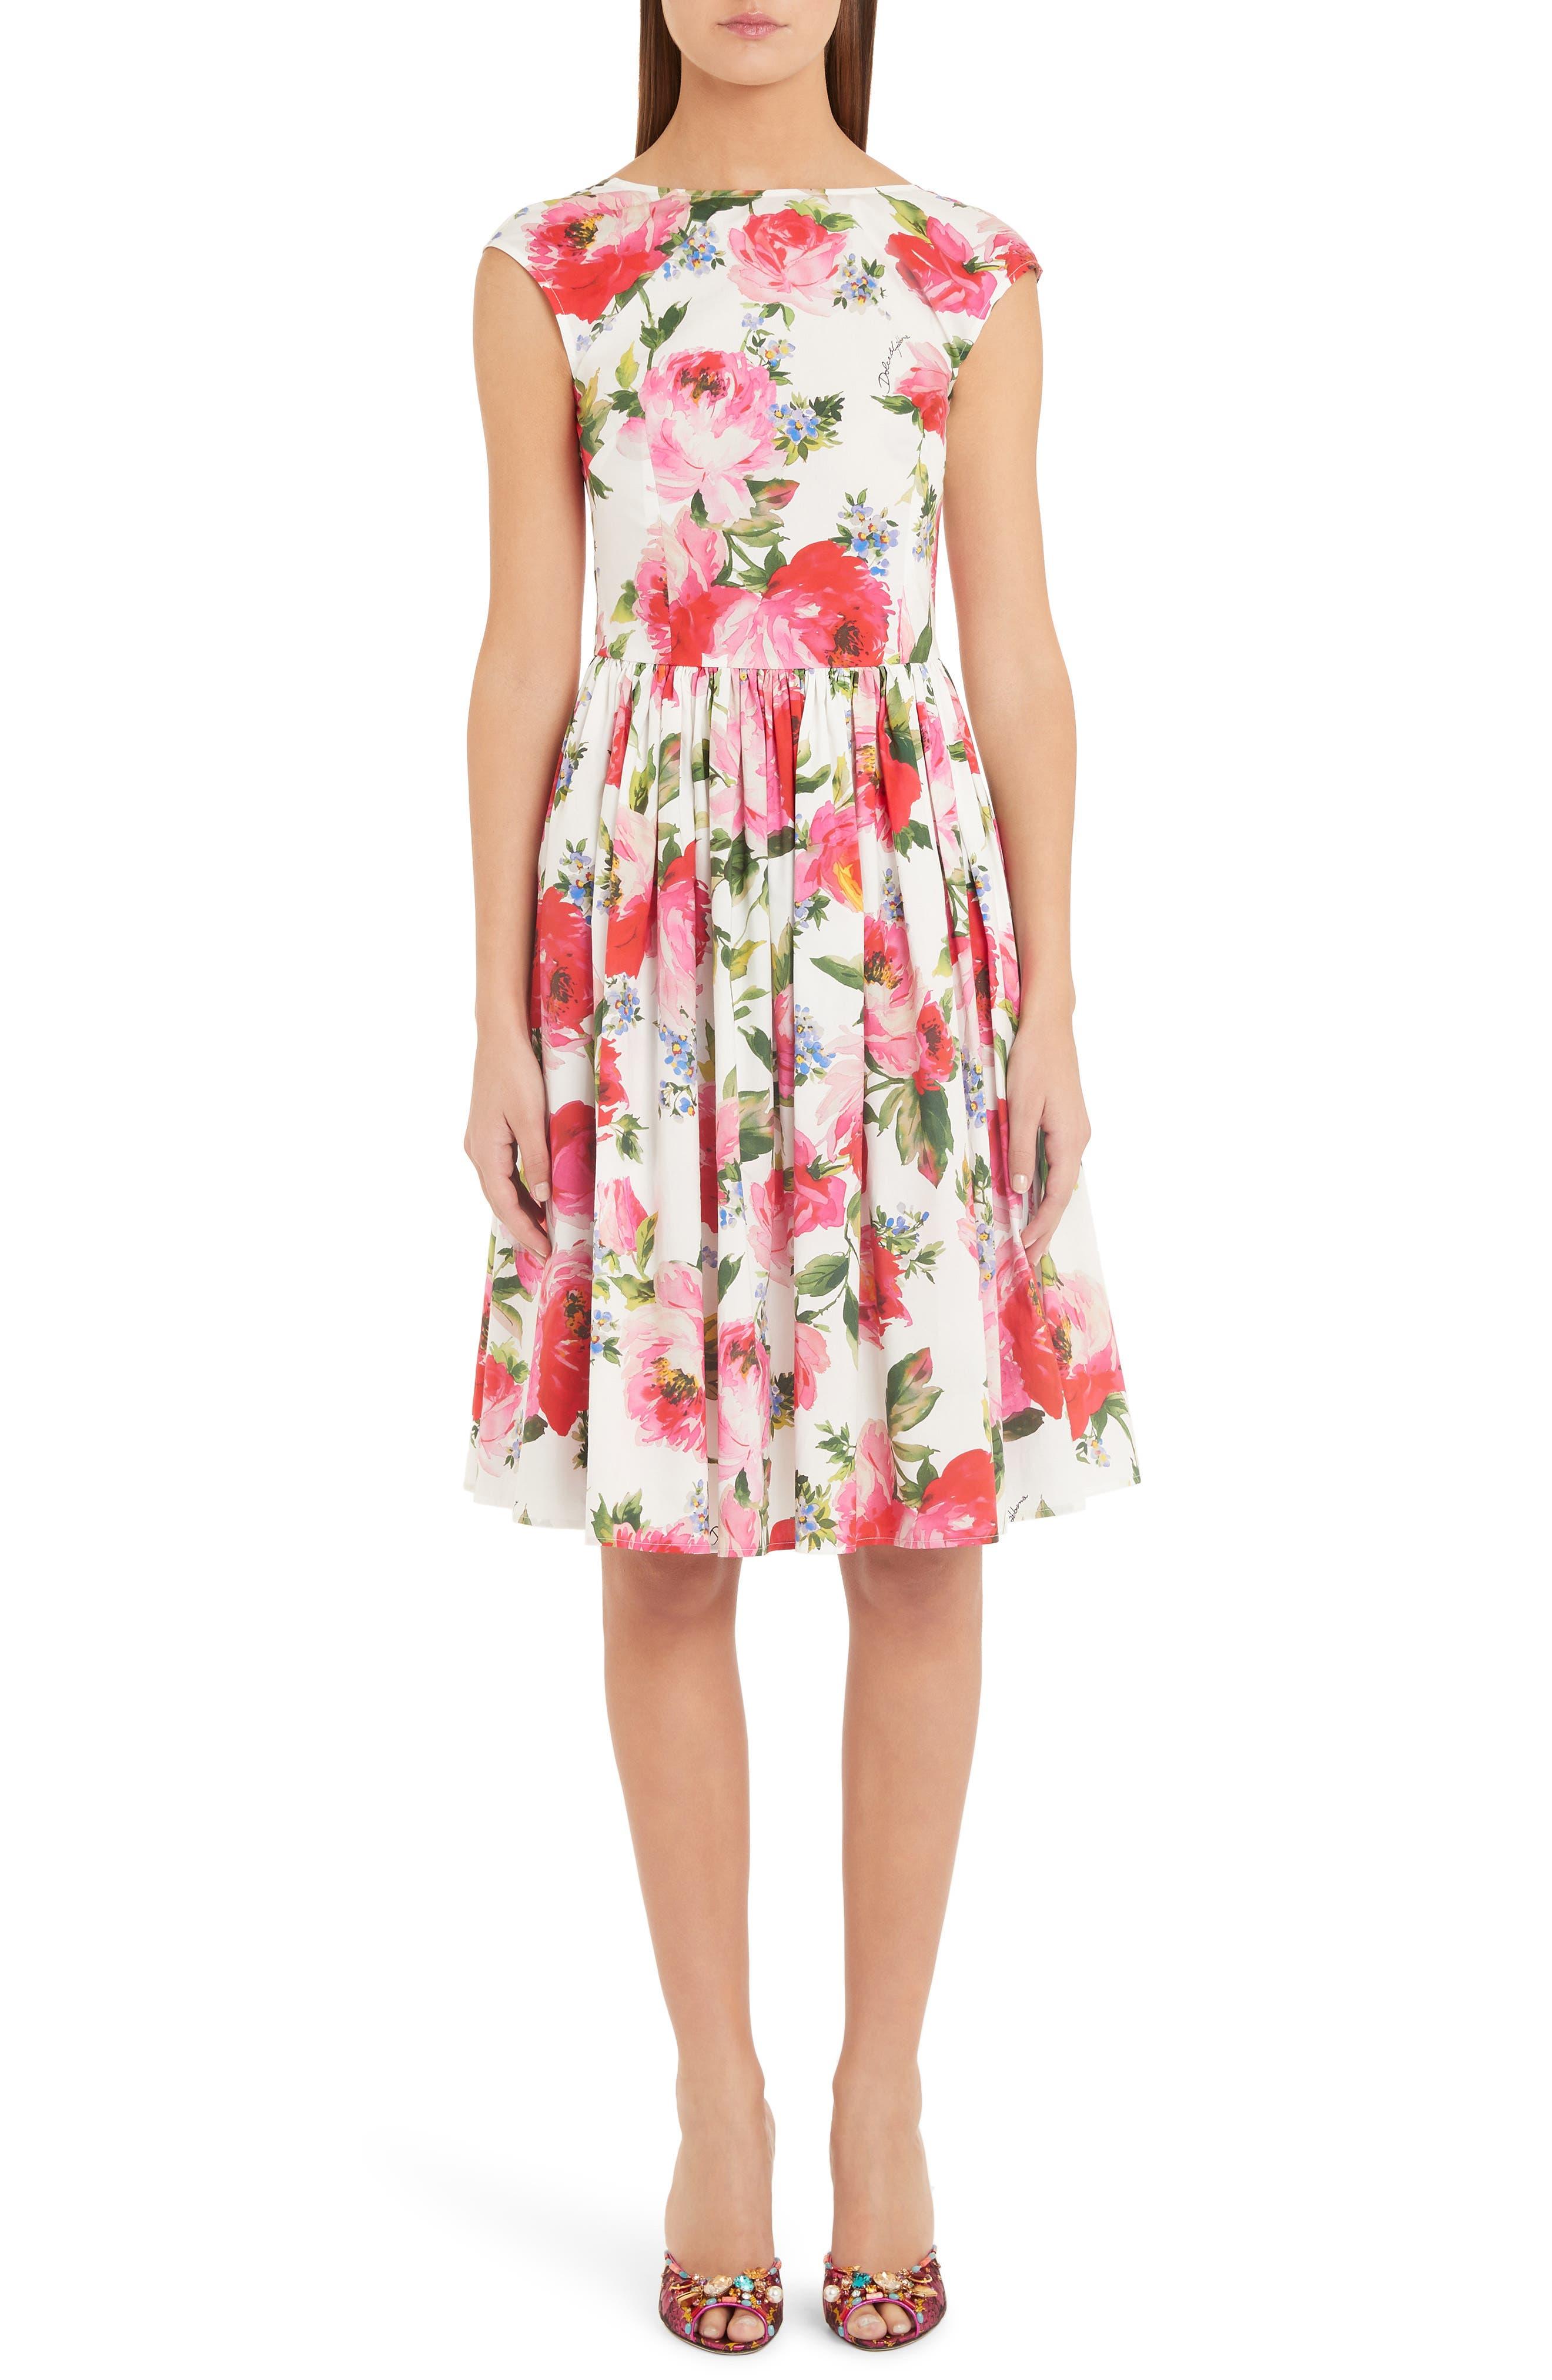 Dolce & gabbana Floral Print Cotton Poplin Dress, 8 IT - White